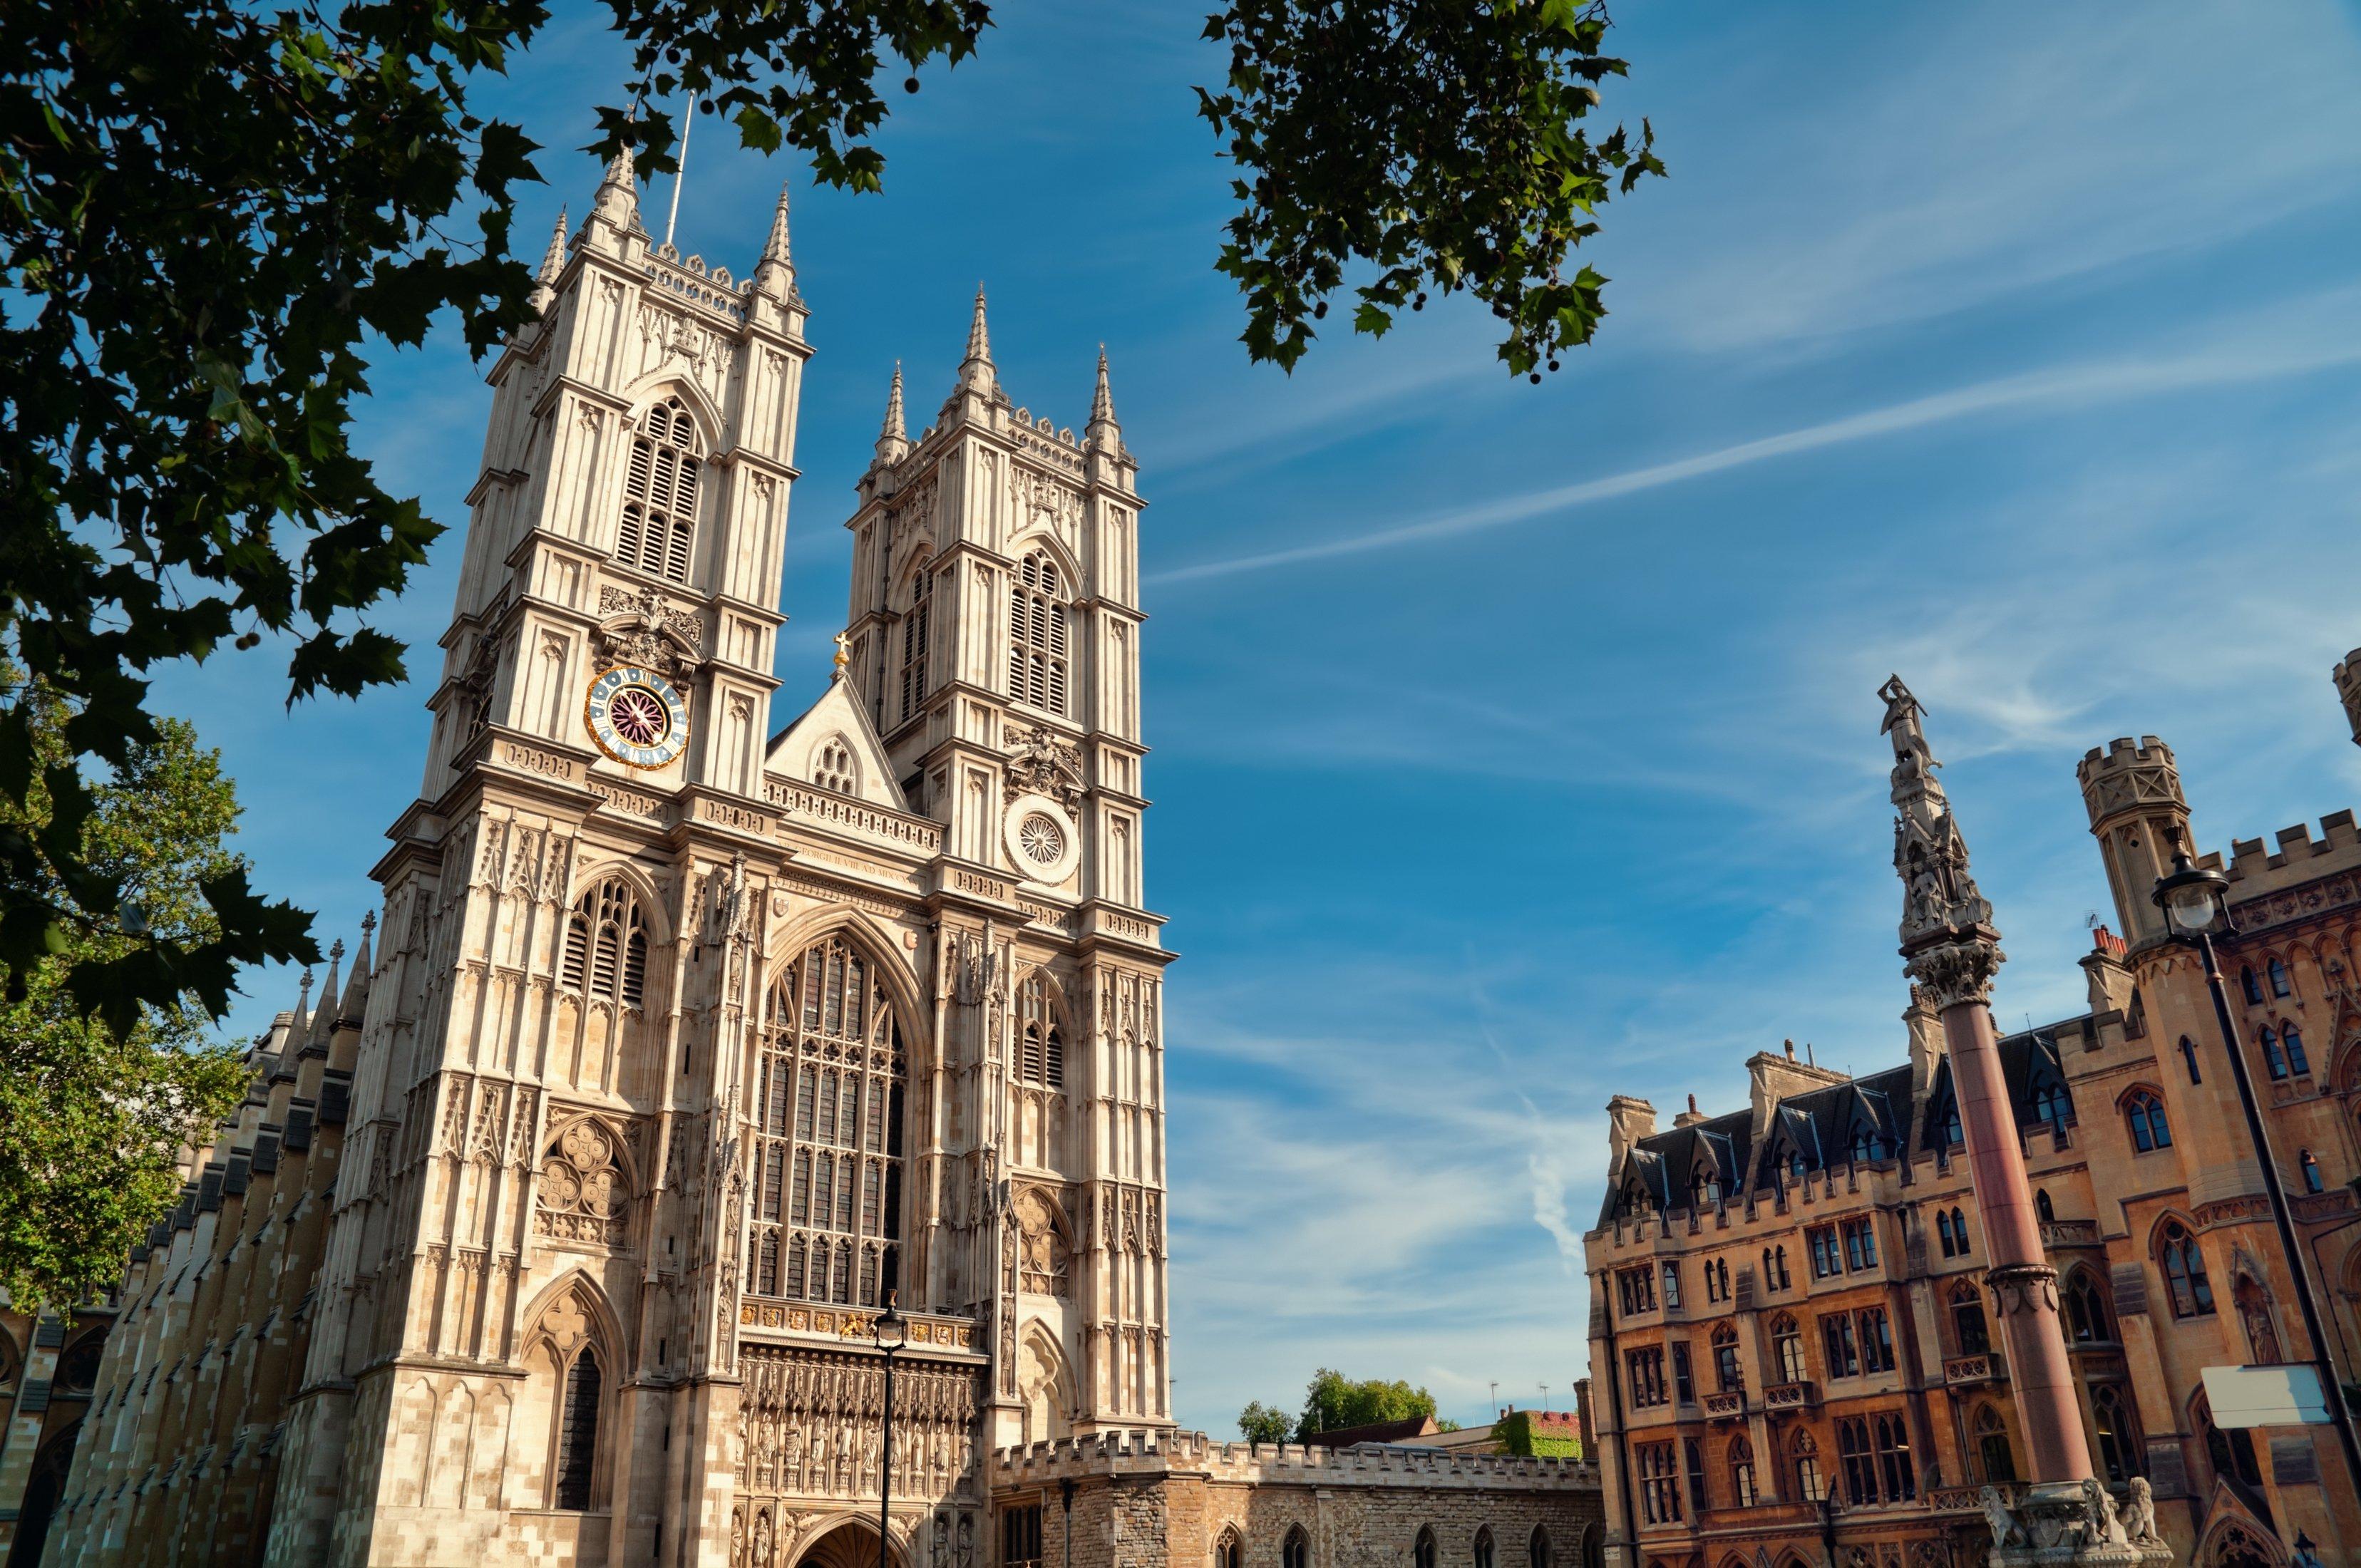 Foto de archivo de la abadía de Westminster.